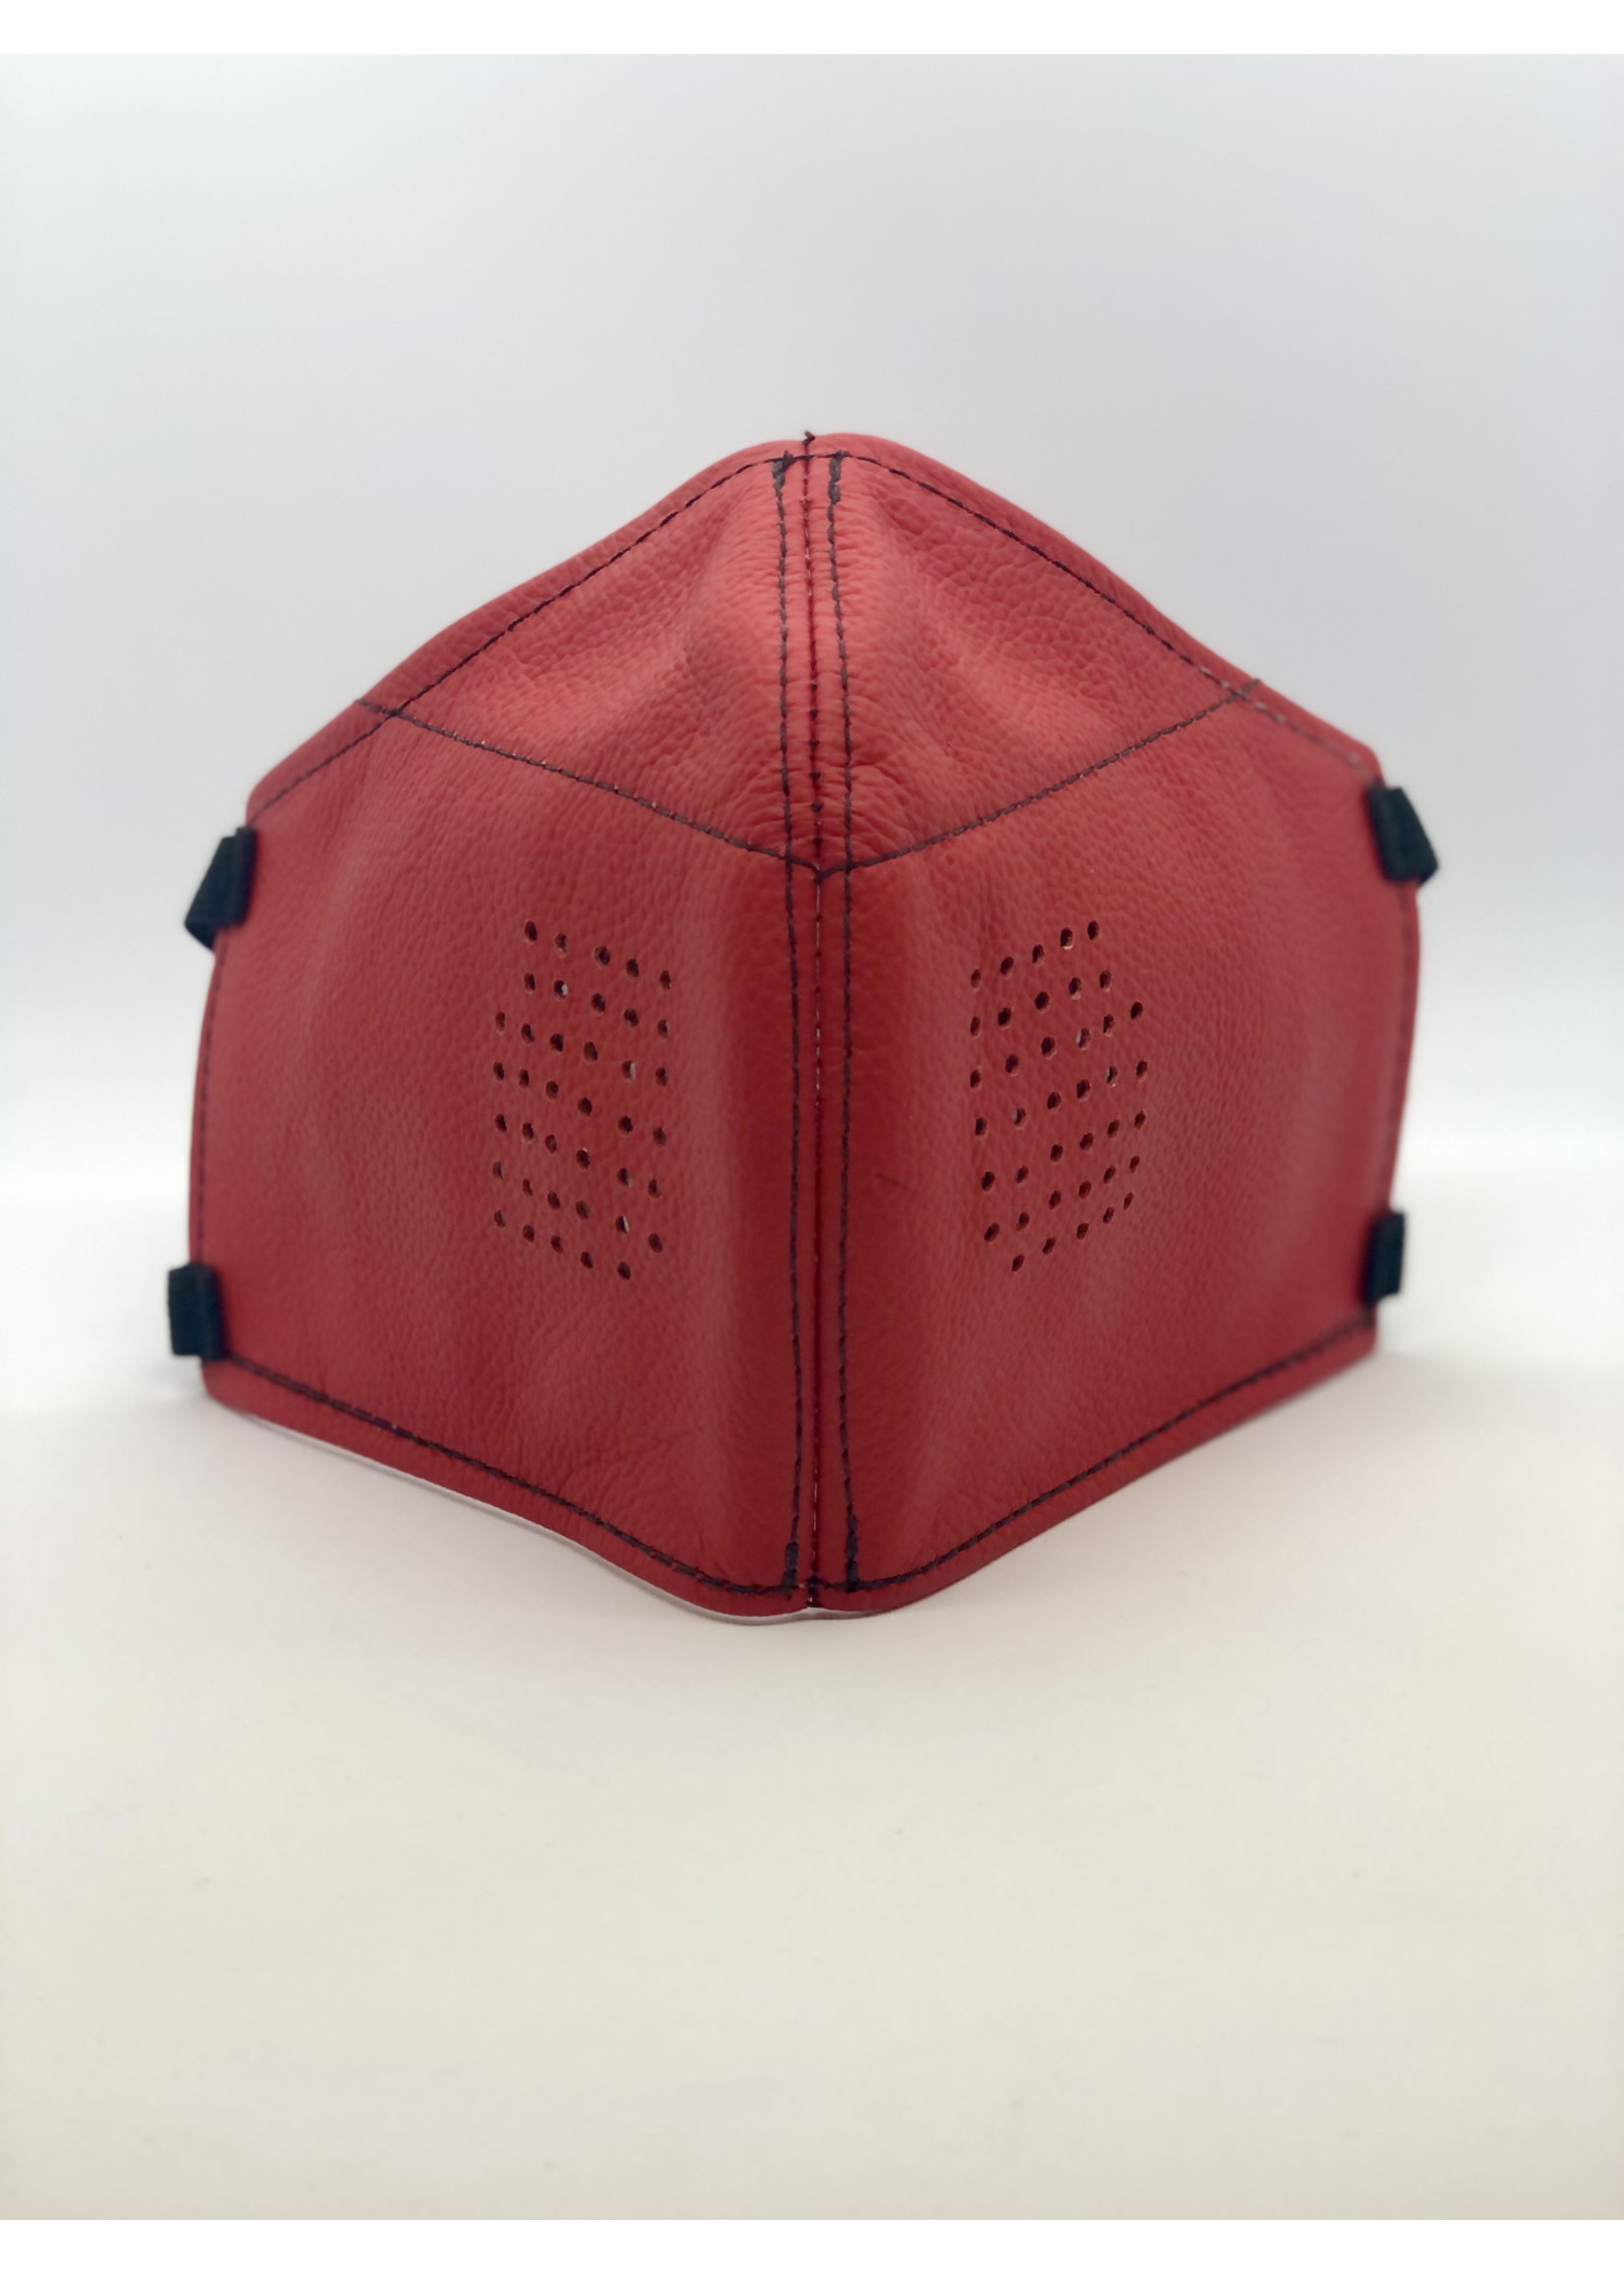 Sir Rat Sir Rat Leather Masks